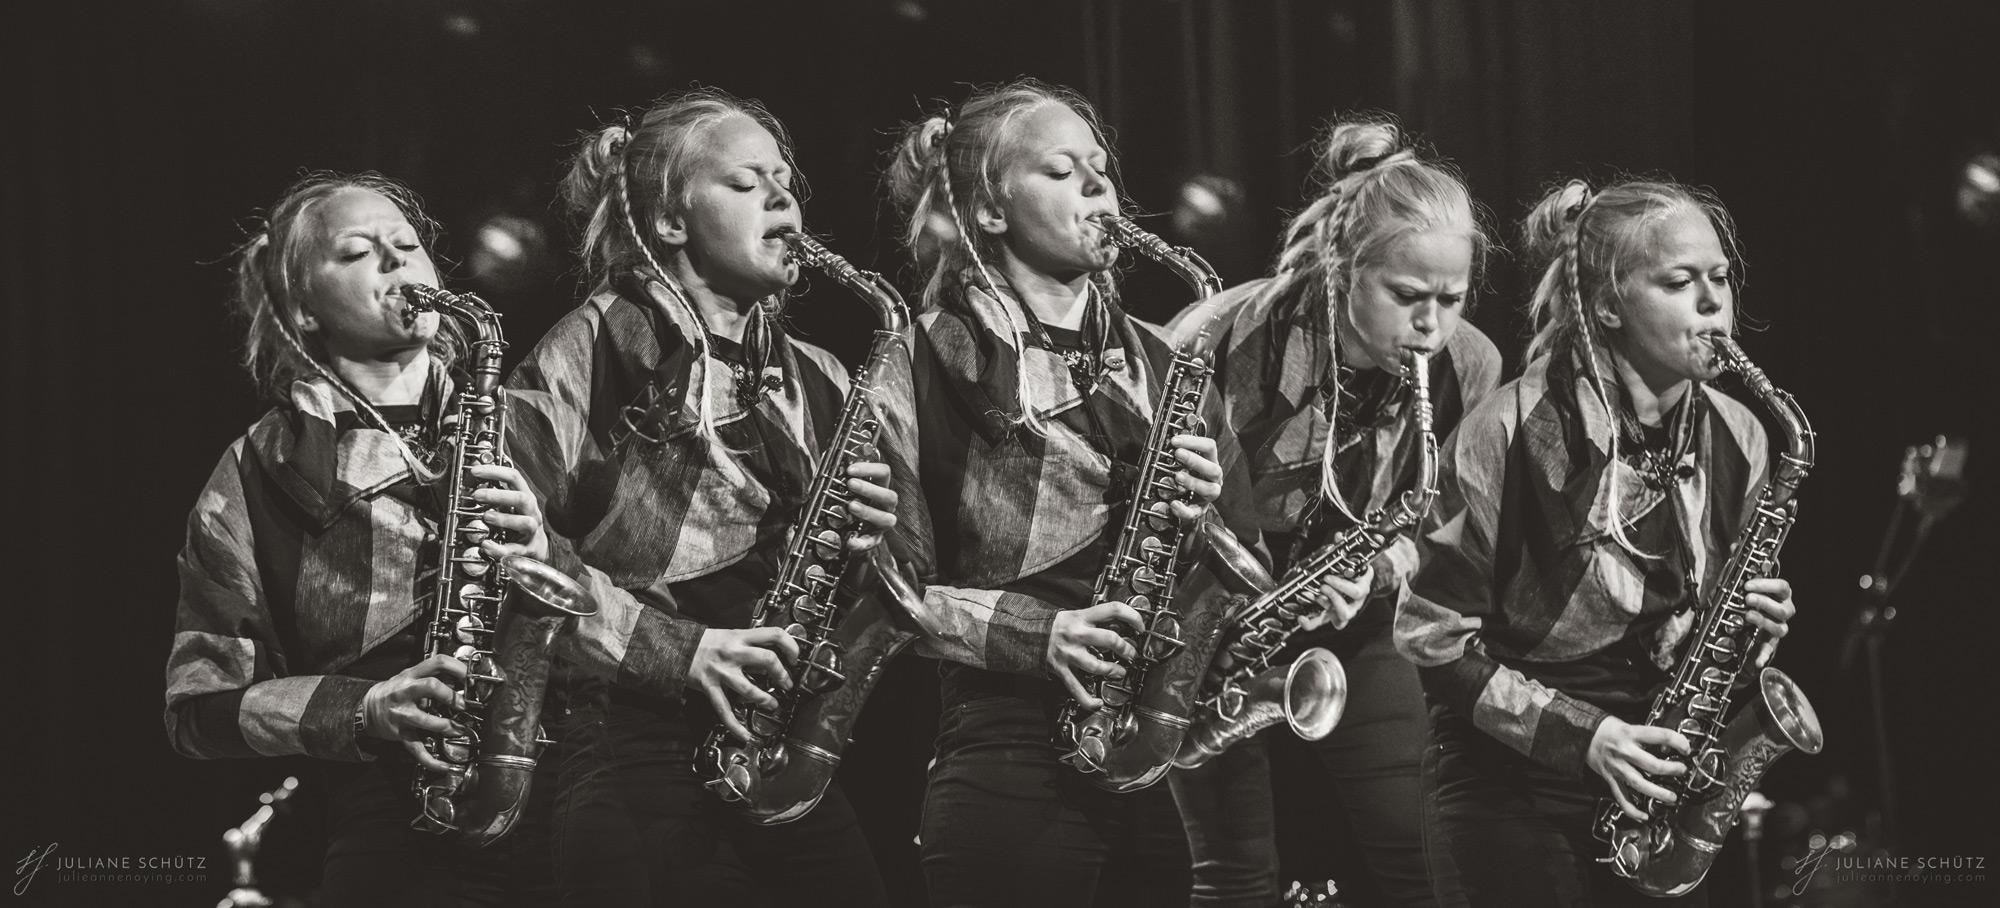 Mette Rasmussen @ Jazzfest 2019 | © Juliane Schütz